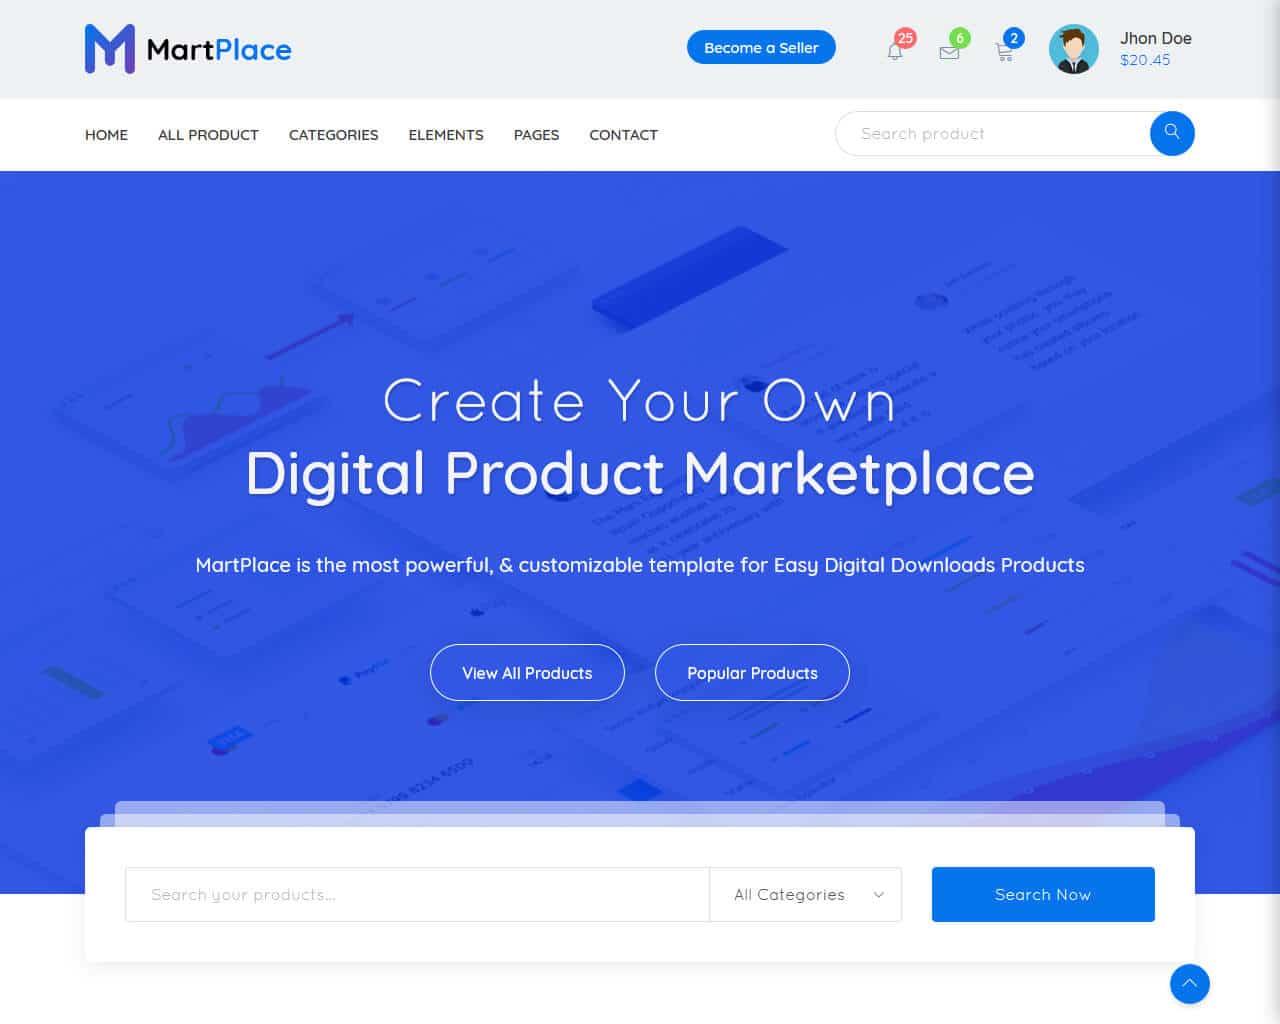 MartPlace Website Template